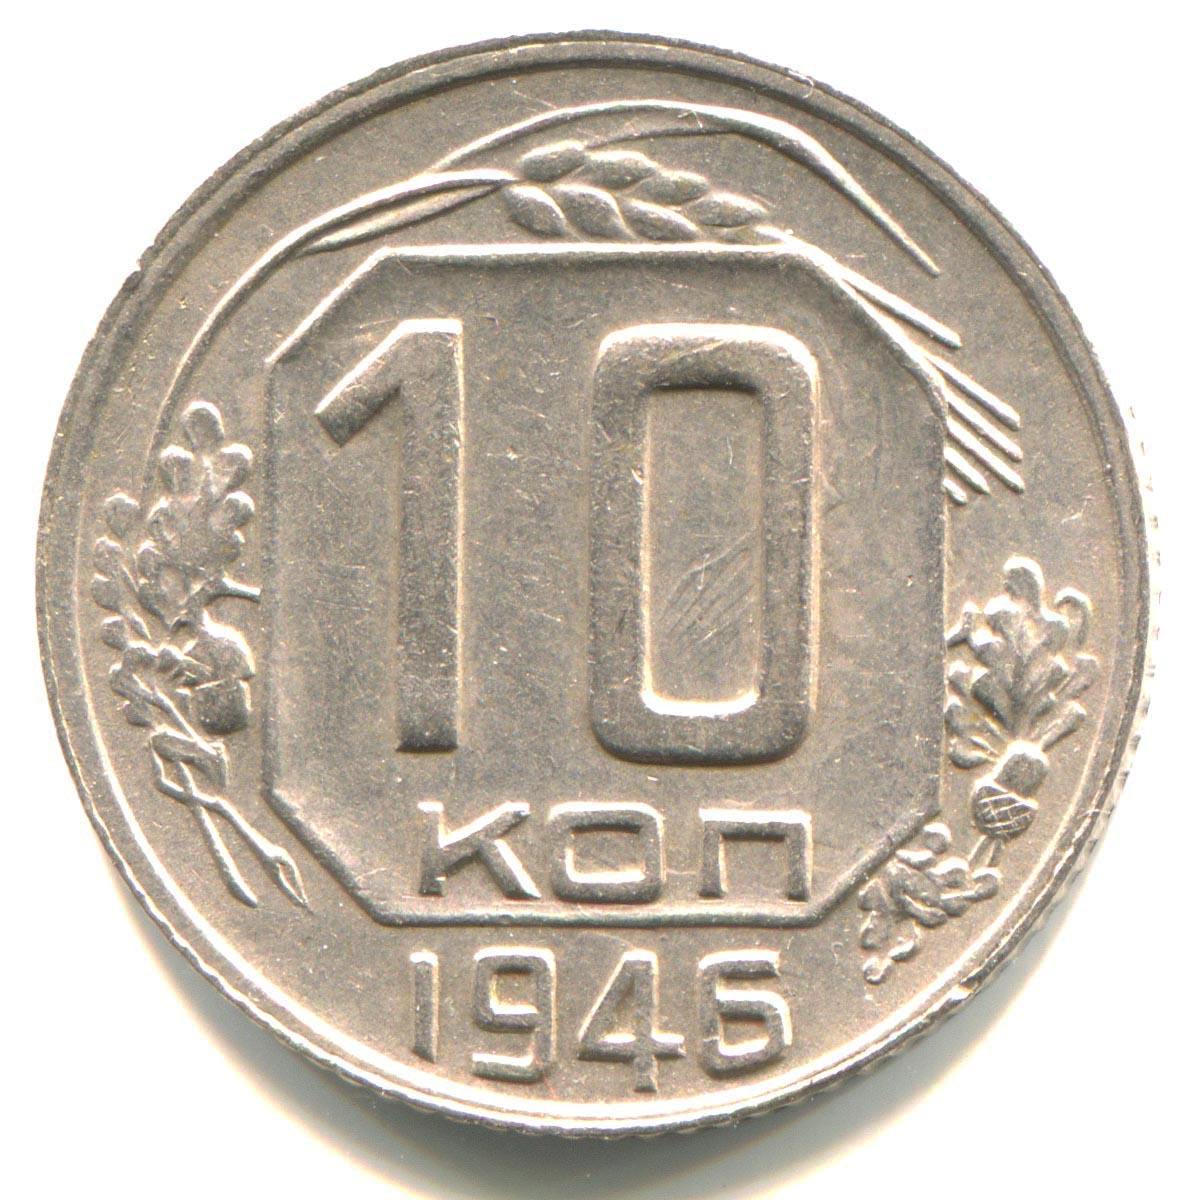 10 коп 1946 цена рупий купить в москве